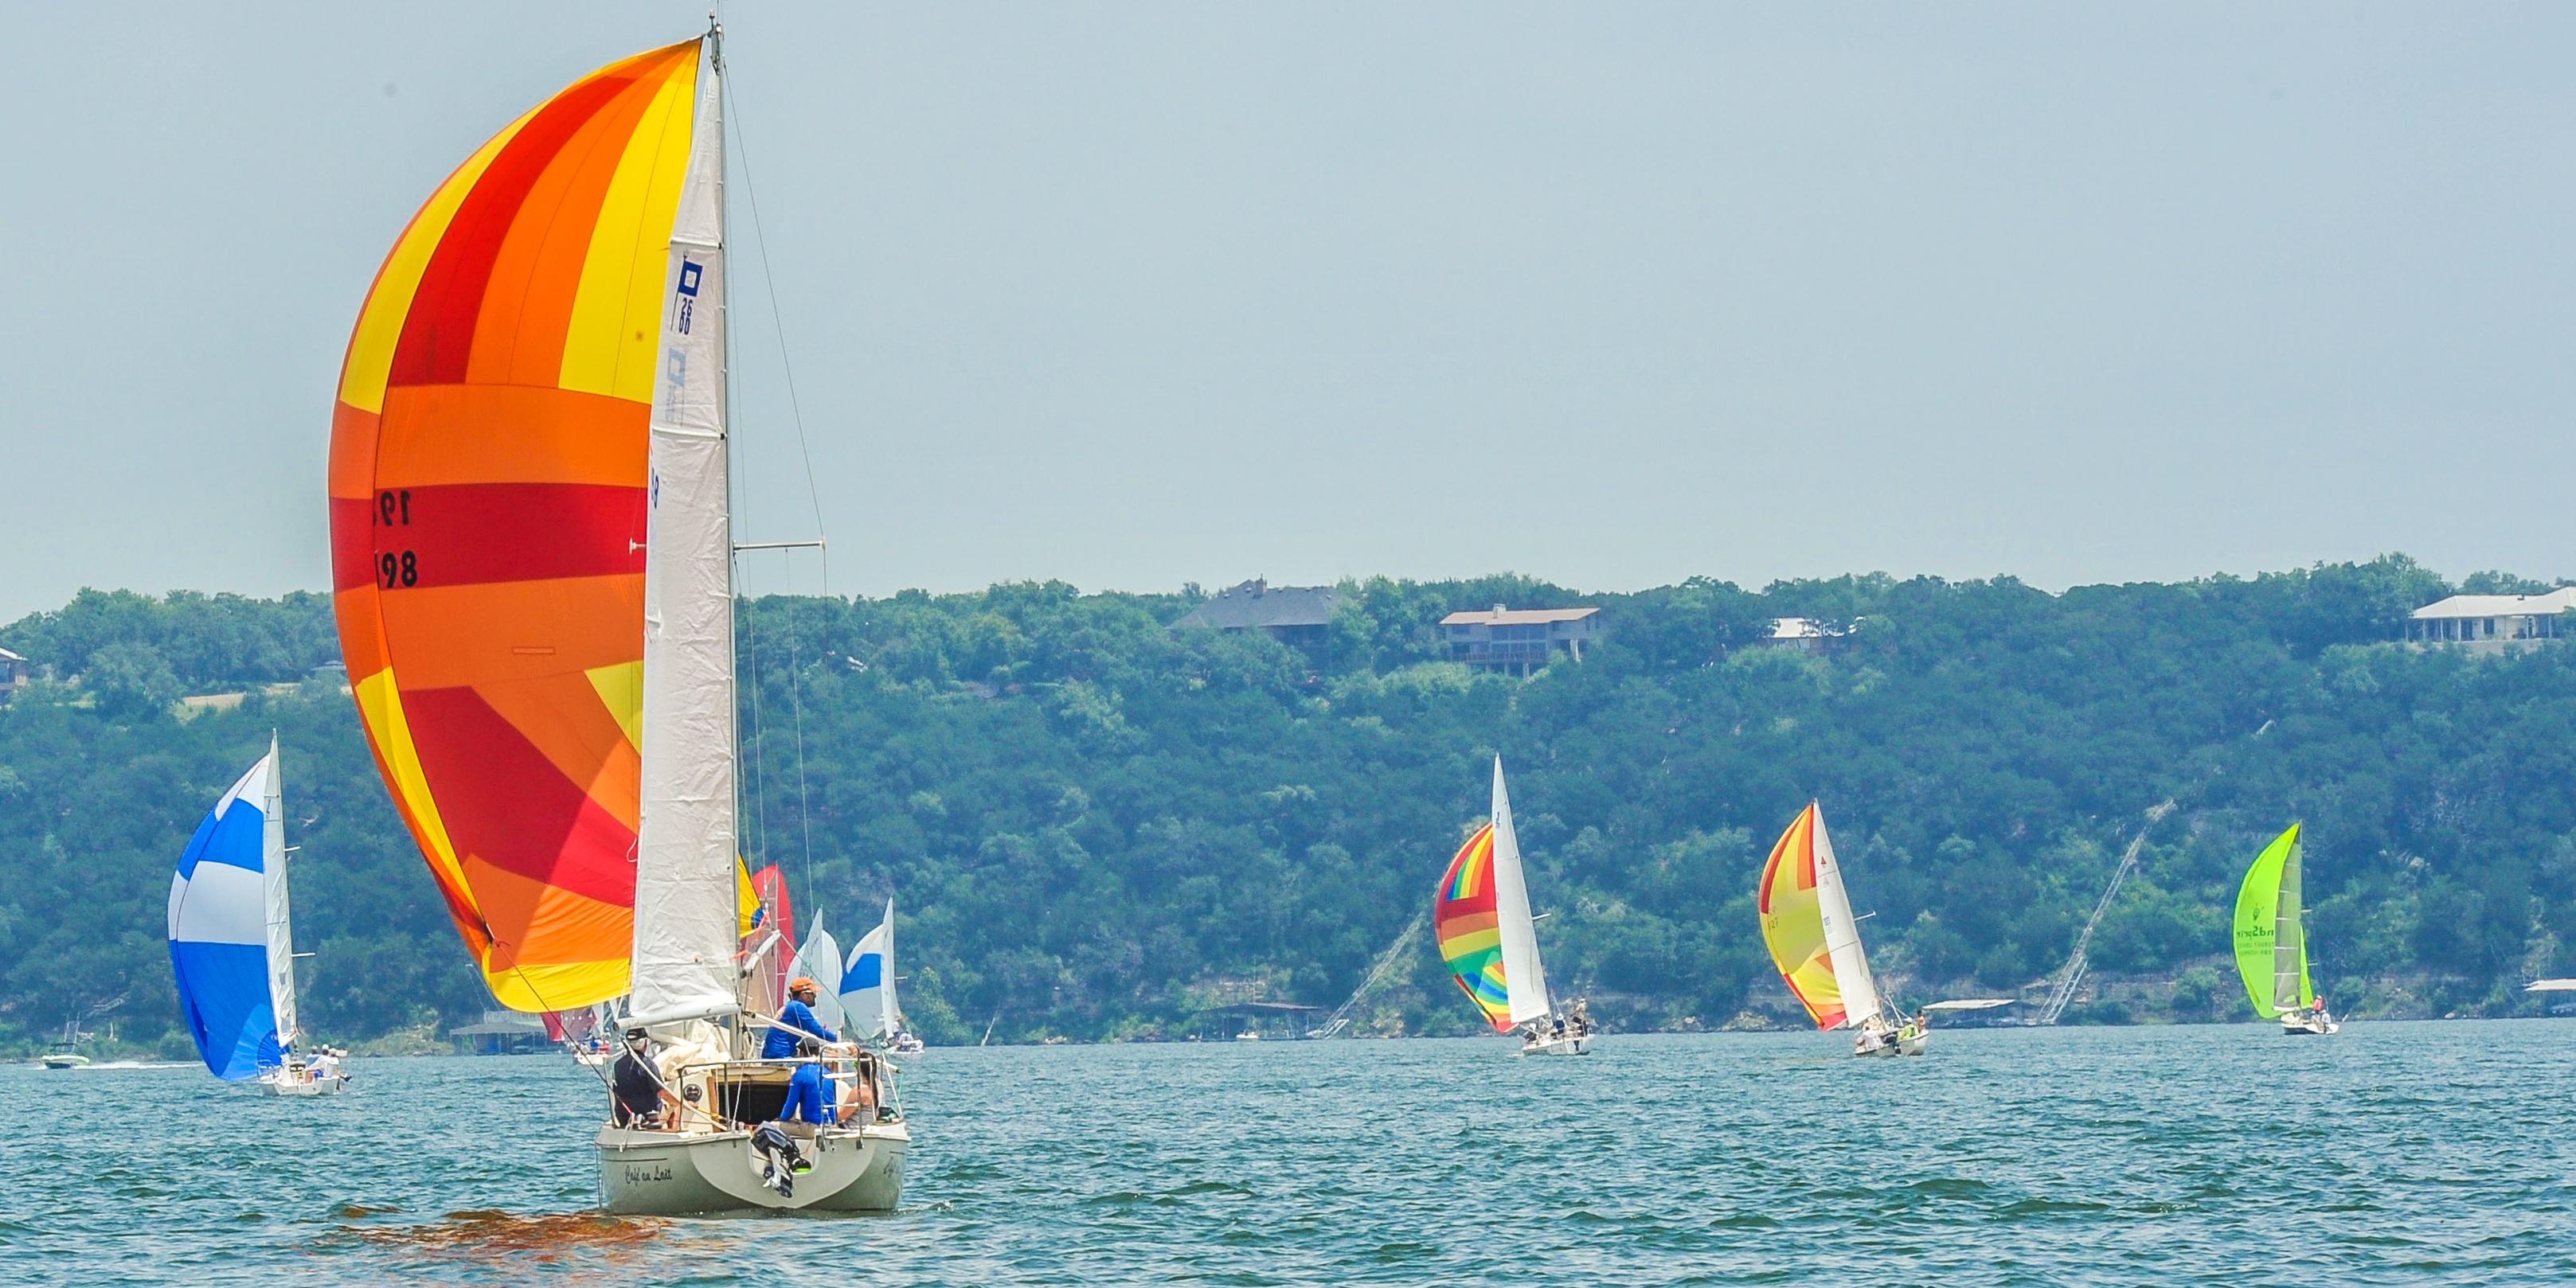 sailboat on Lake Travis